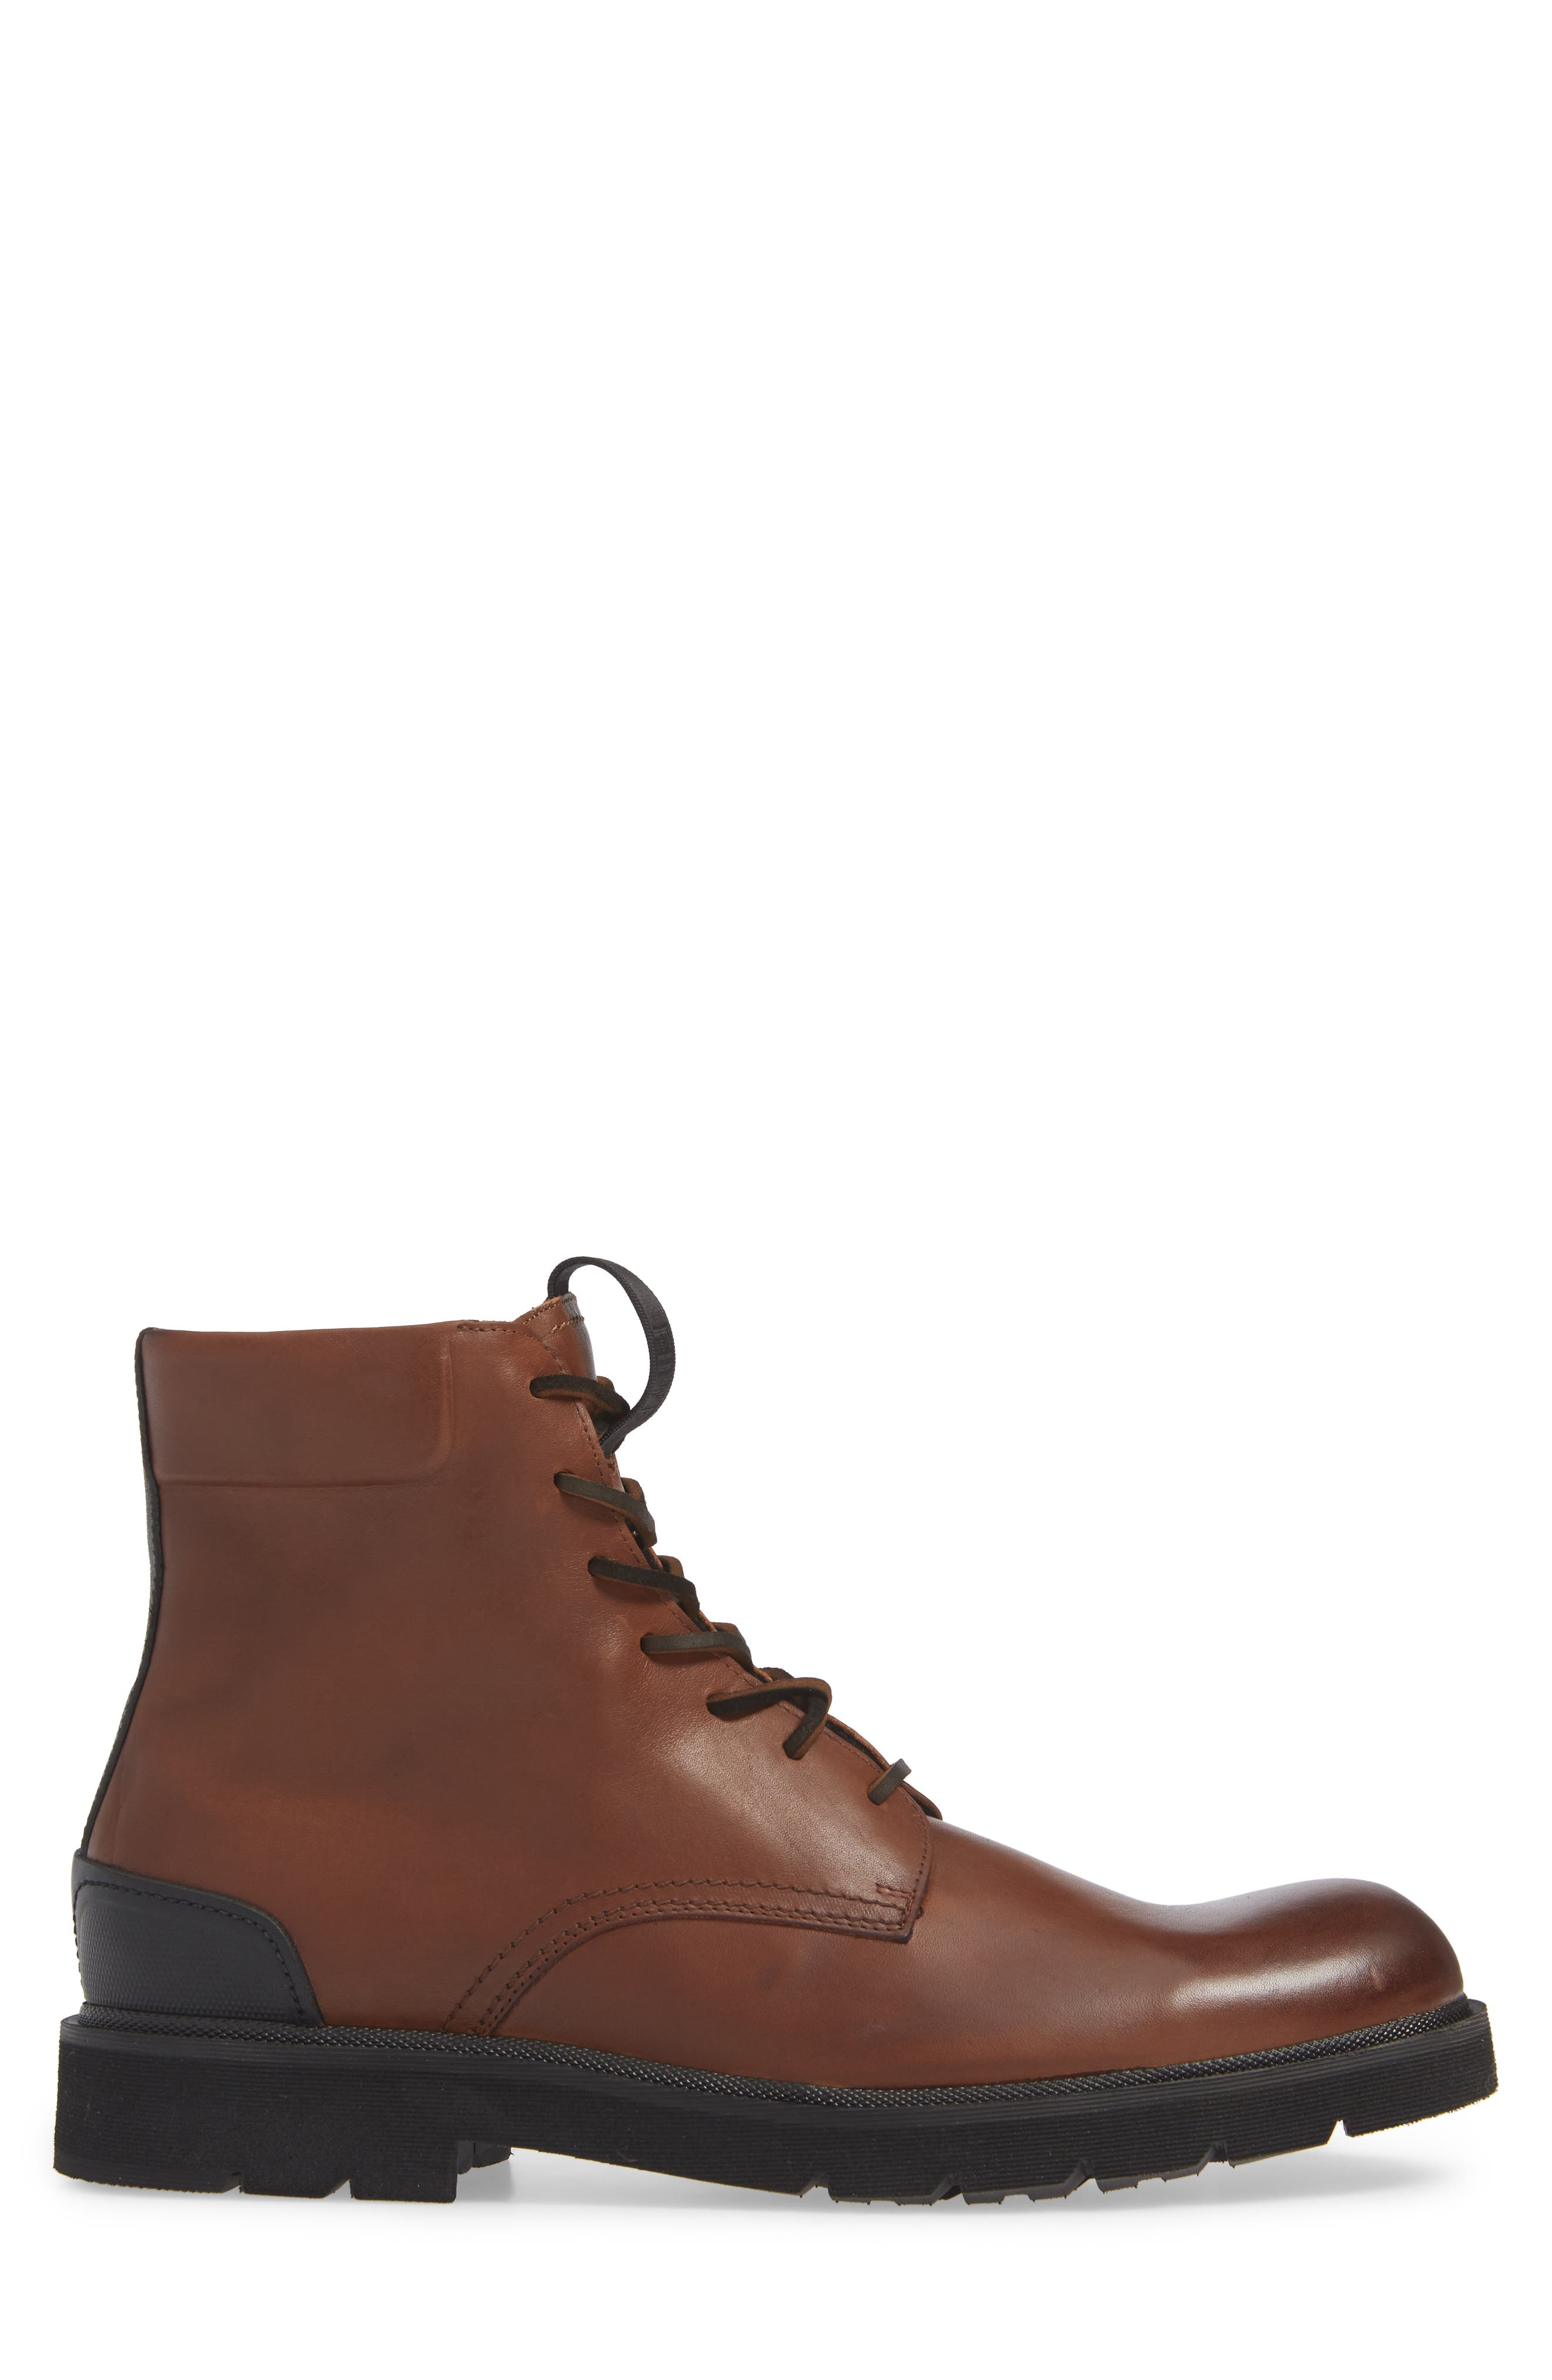 Terra Plain Toe Boot,                             Alternate thumbnail 3, color,                             235